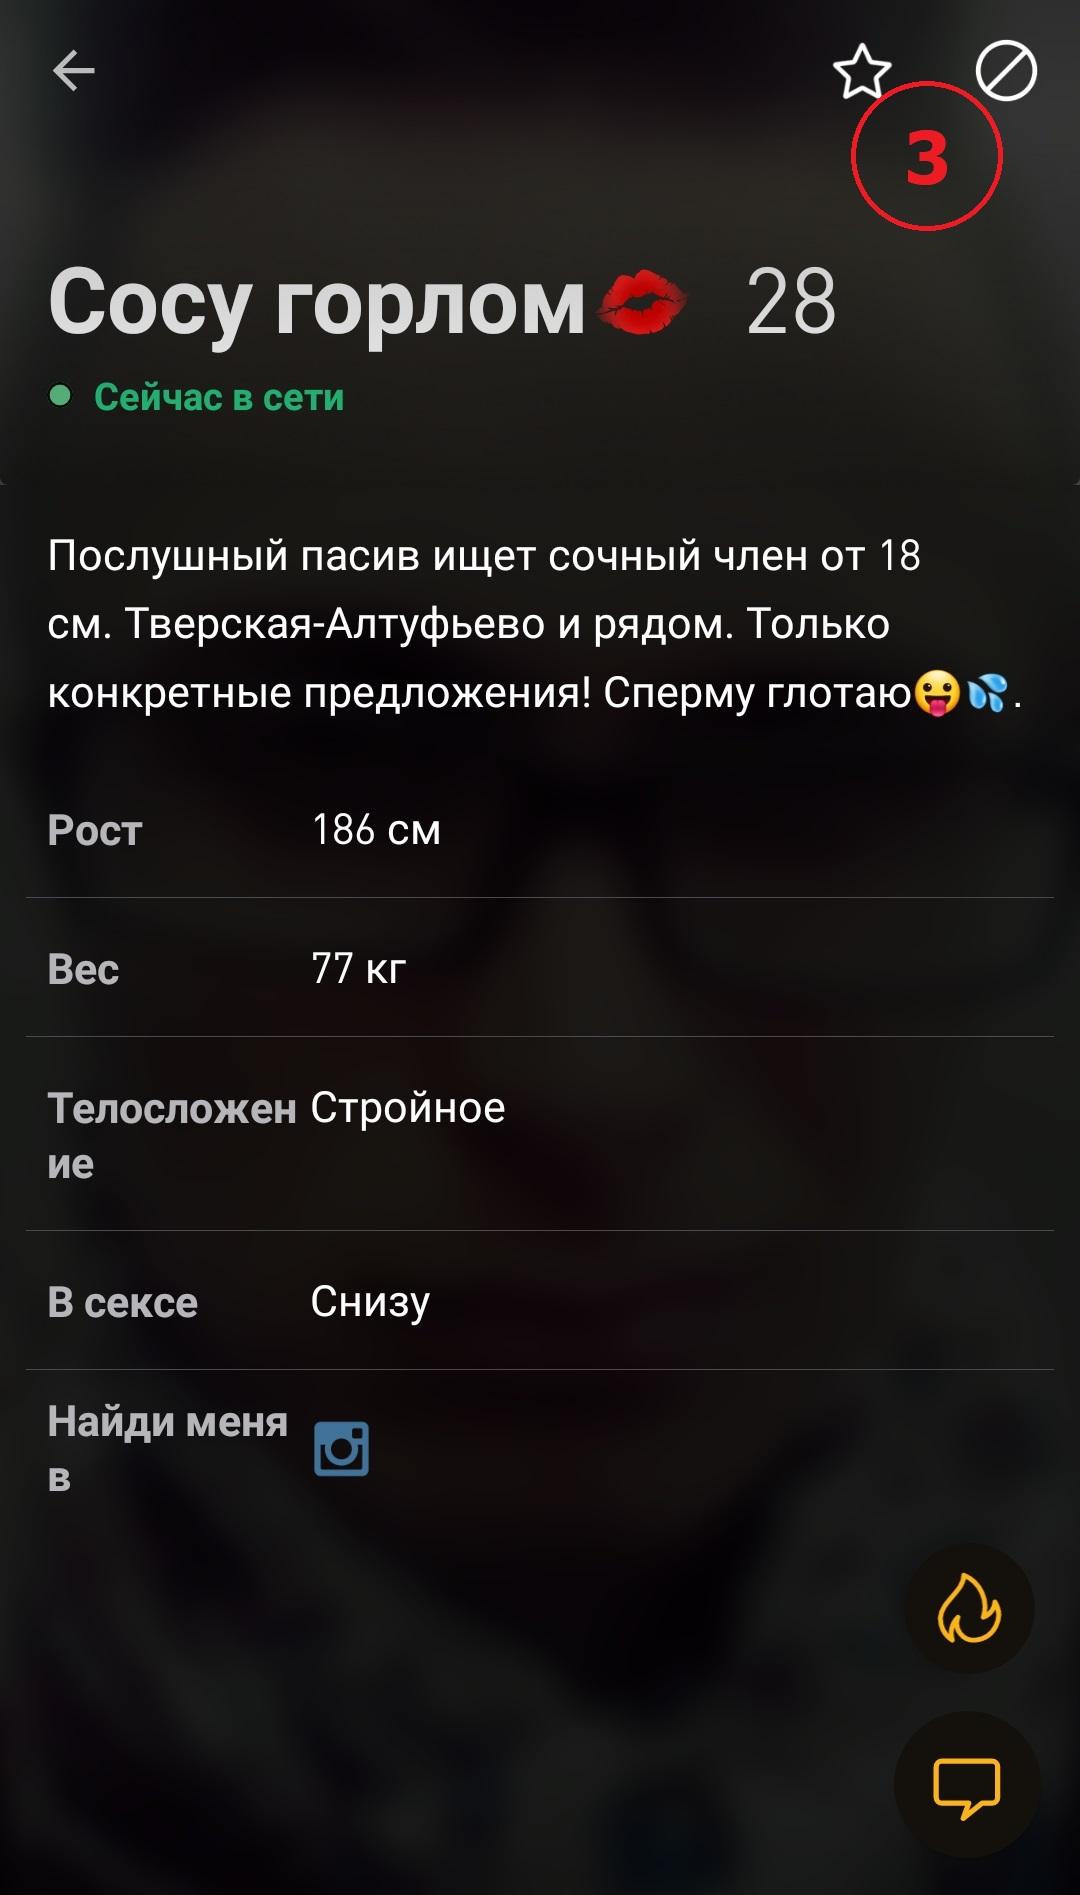 http://sh.uplds.ru/8aHq3.jpg